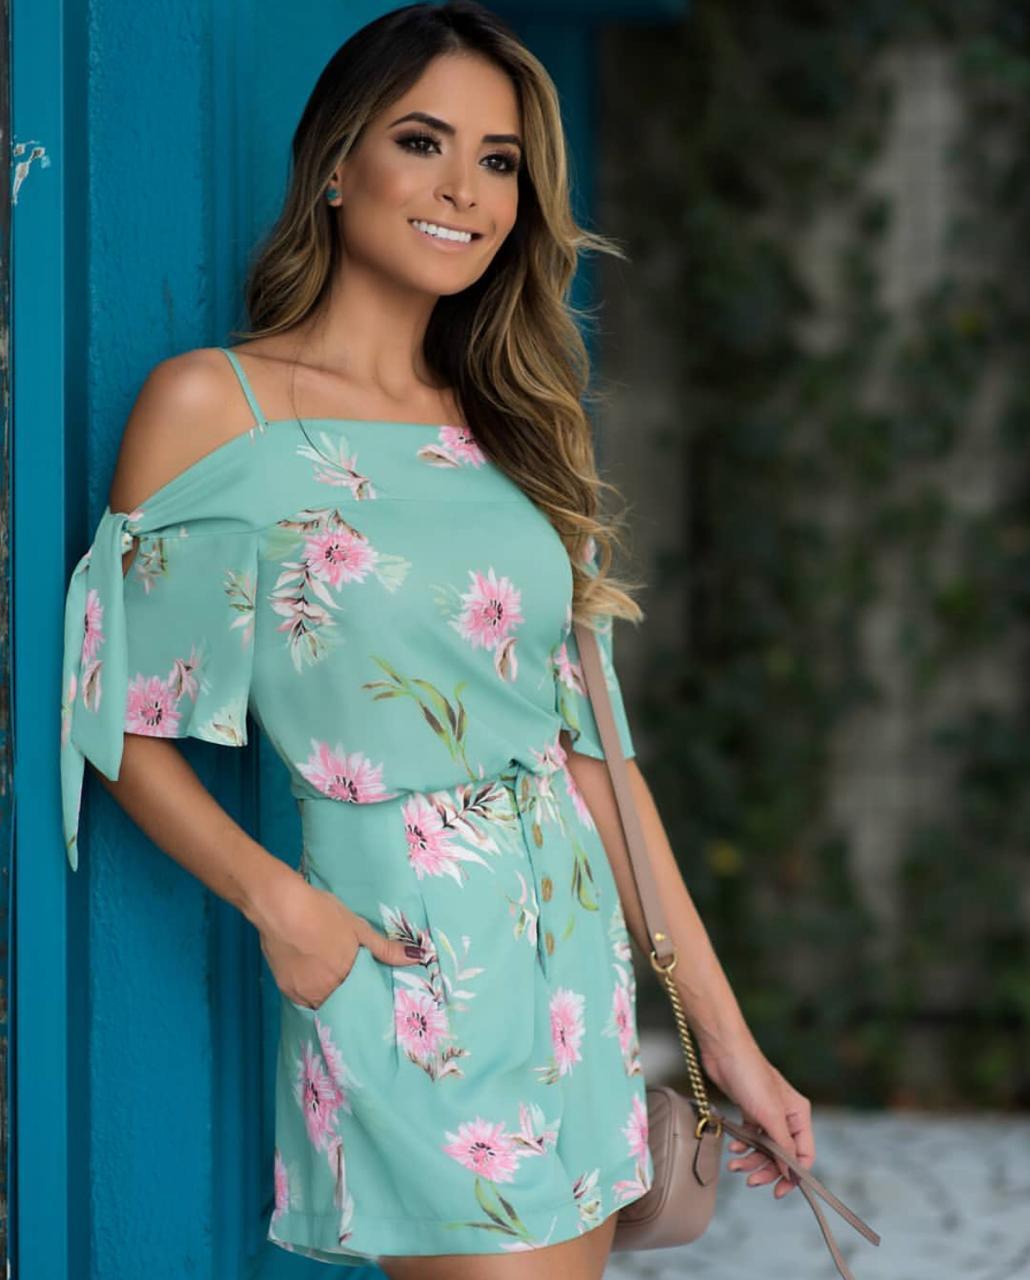 Shorts Luciana Crepe Floral abotoamento